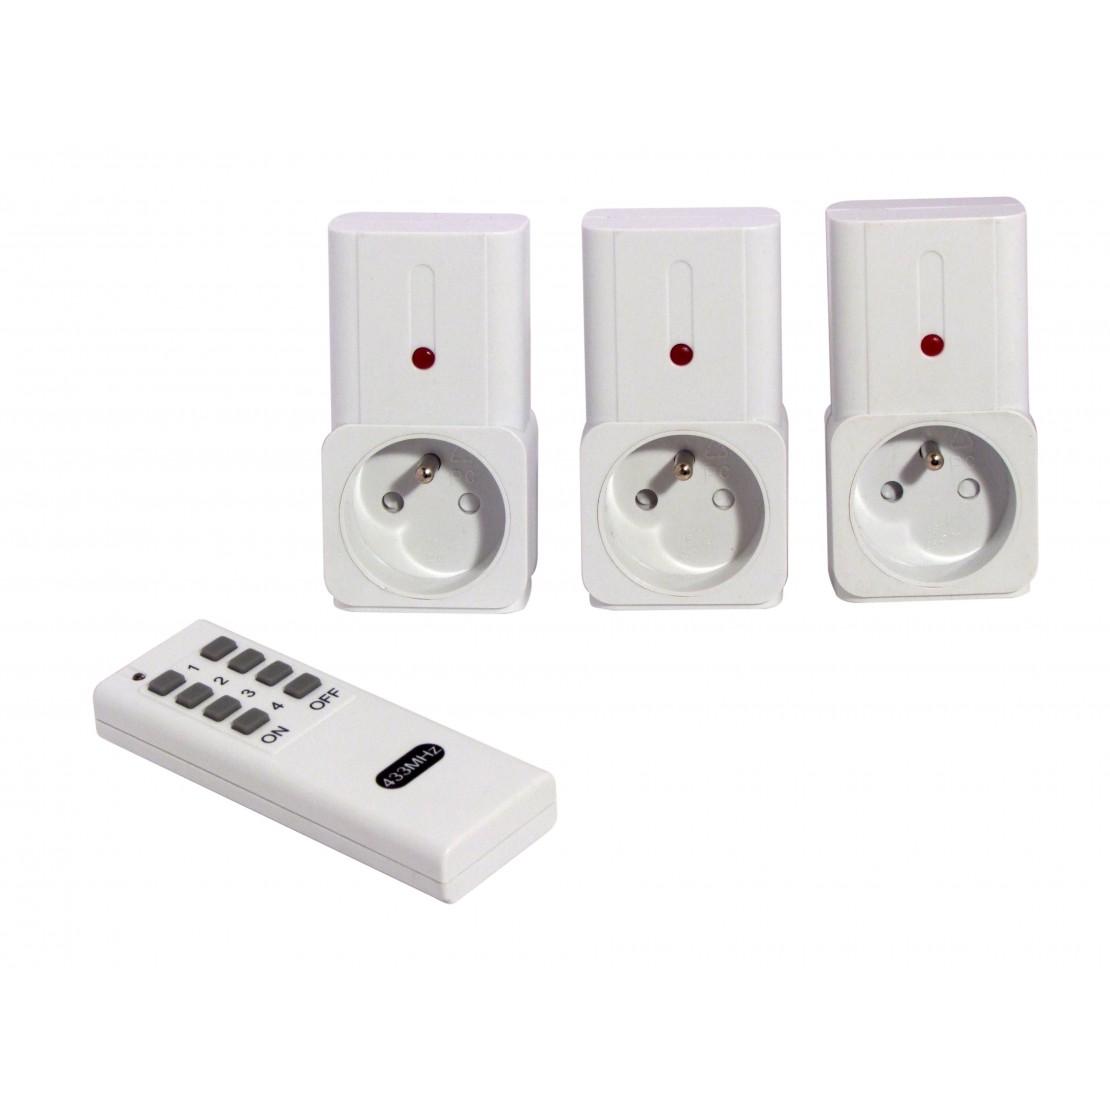 Set de 3 prises télécommandées on/off + télécommande